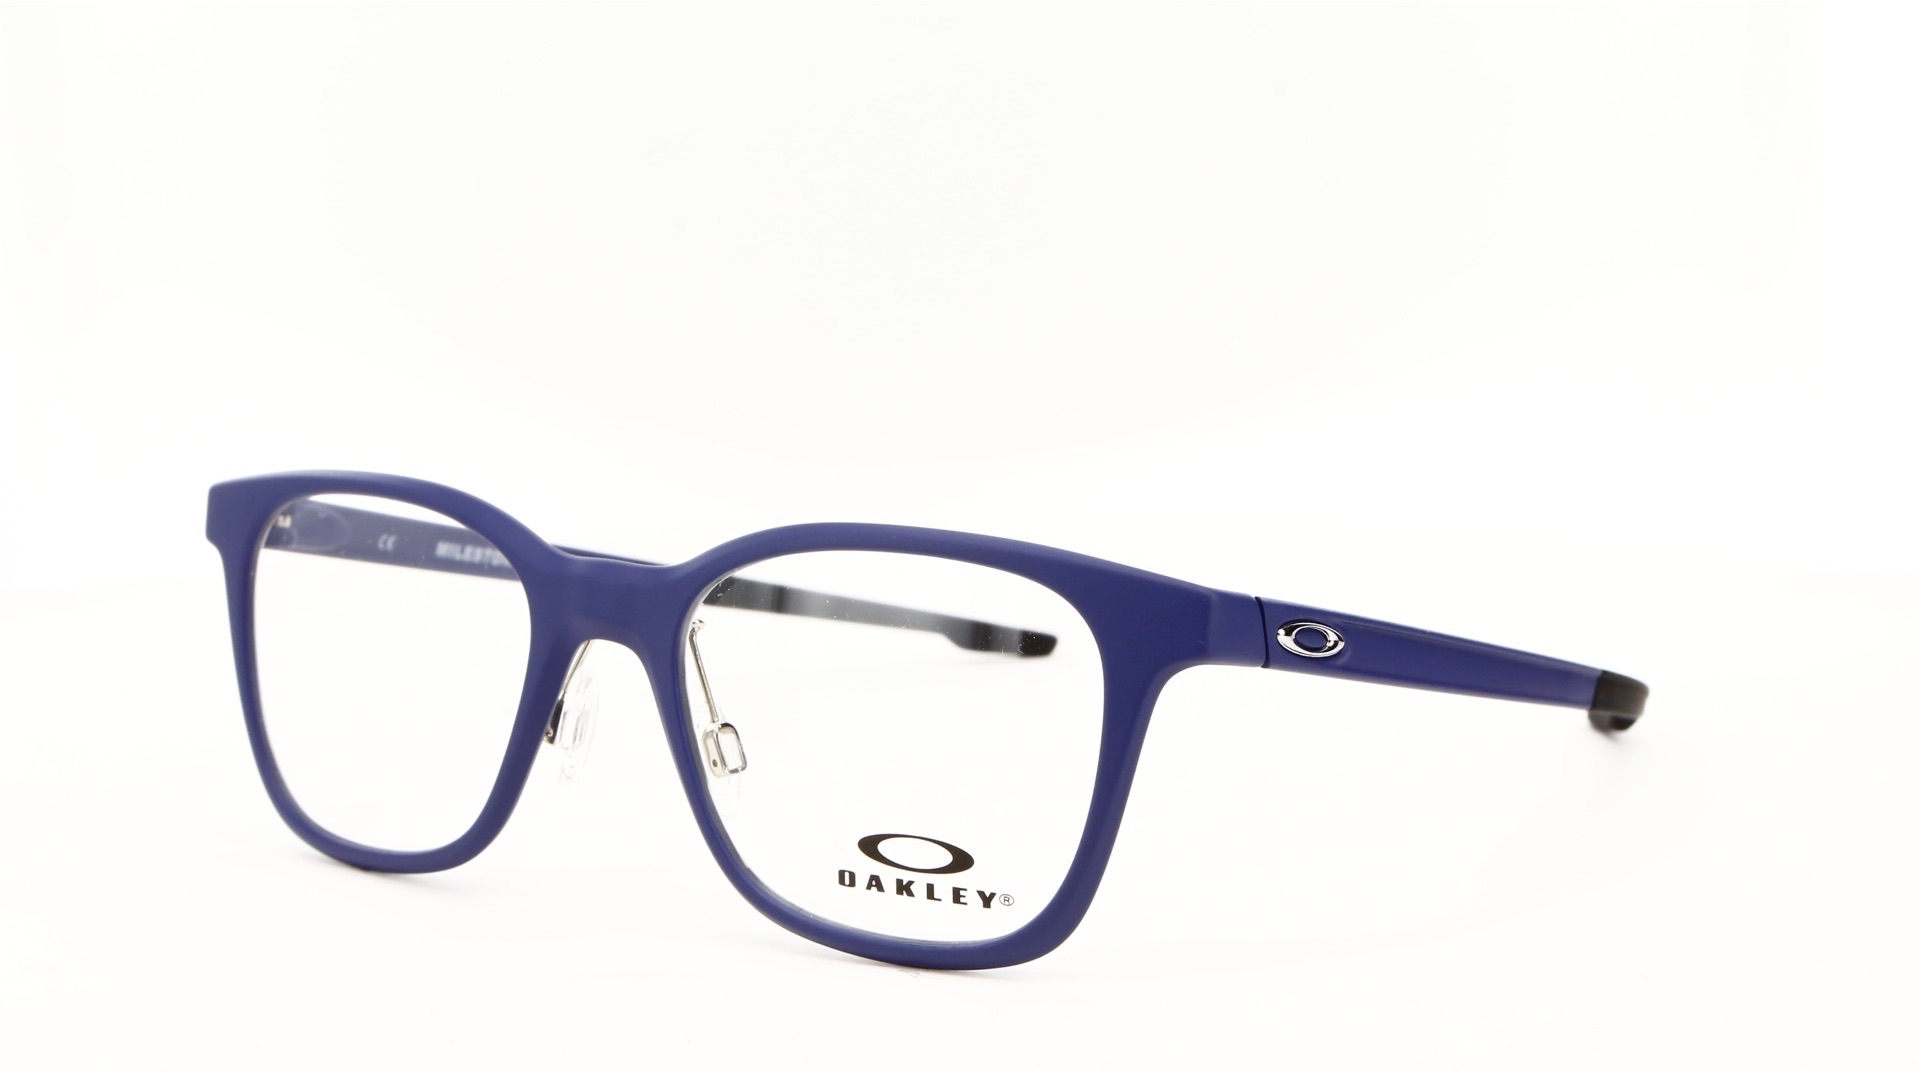 Oakley - ref: 78577